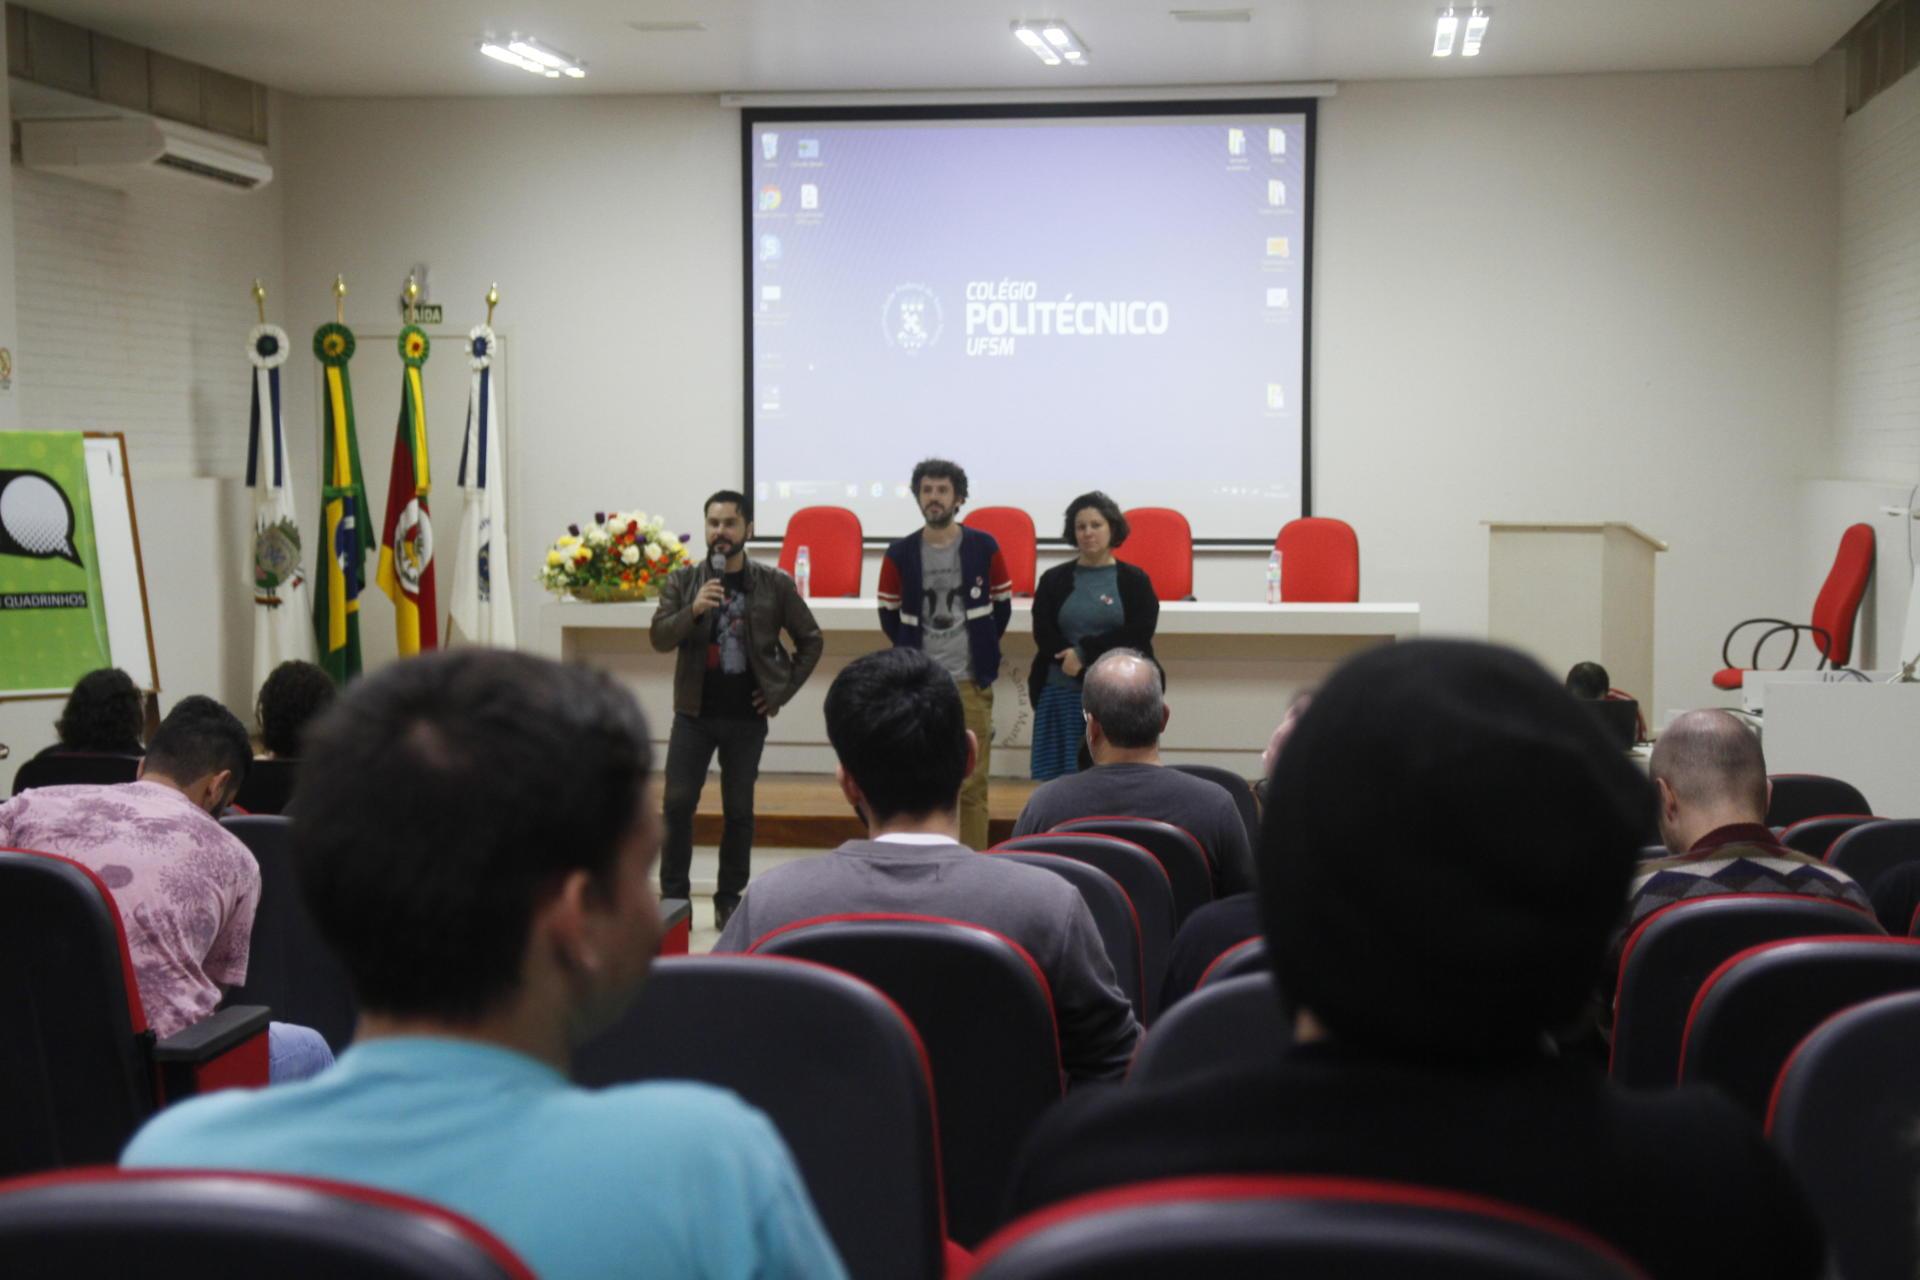 Foto colorida horizontal mostra três pessoas falando ao público em um auditório